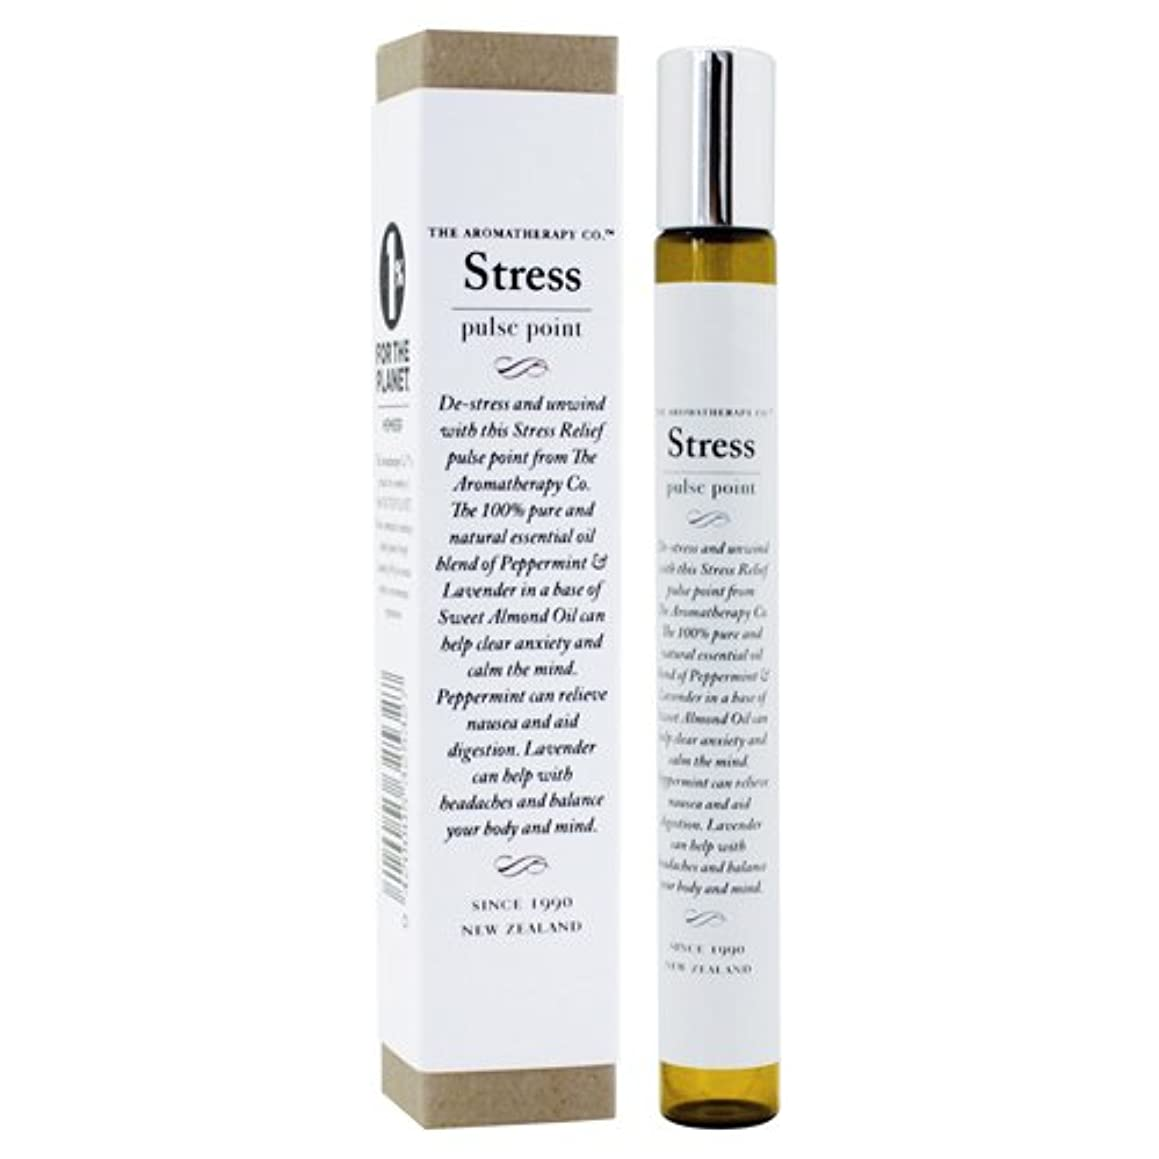 カウント処方するポーチTherapy Range セラピーレンジ Pulse Pointパルスポイント Stressストレス